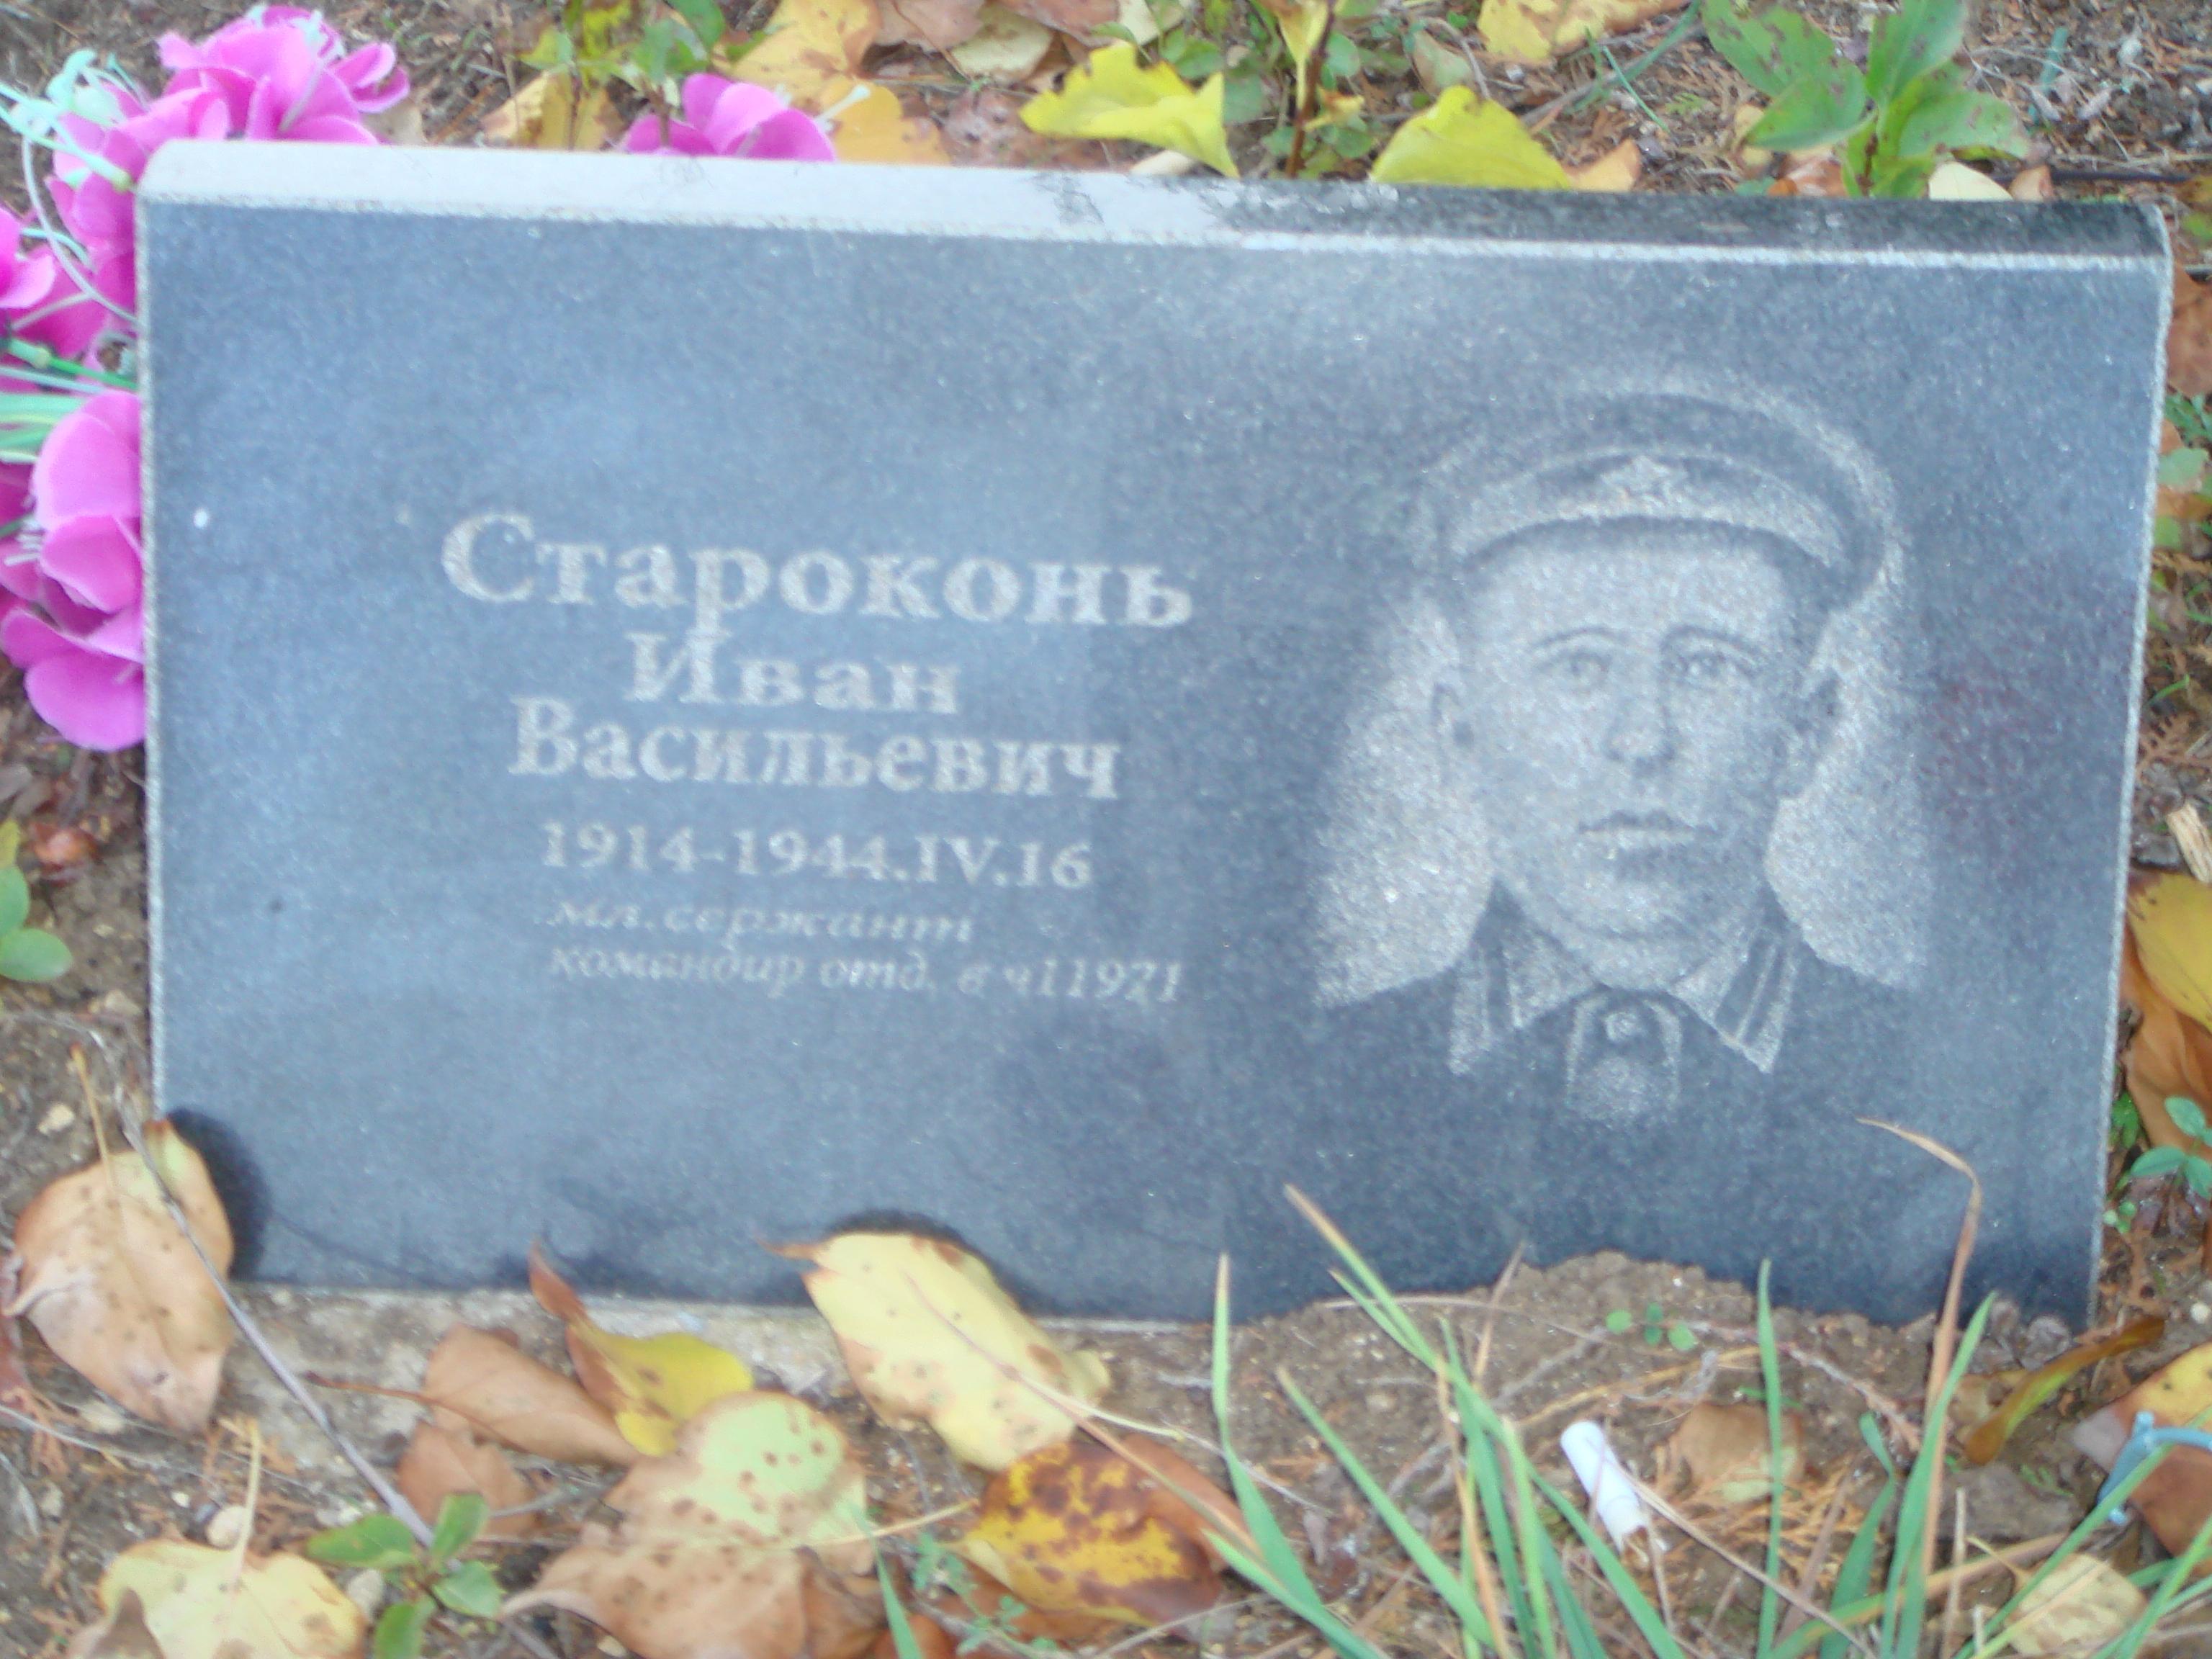 Мл. Сержант Староконь Иван Васильевич